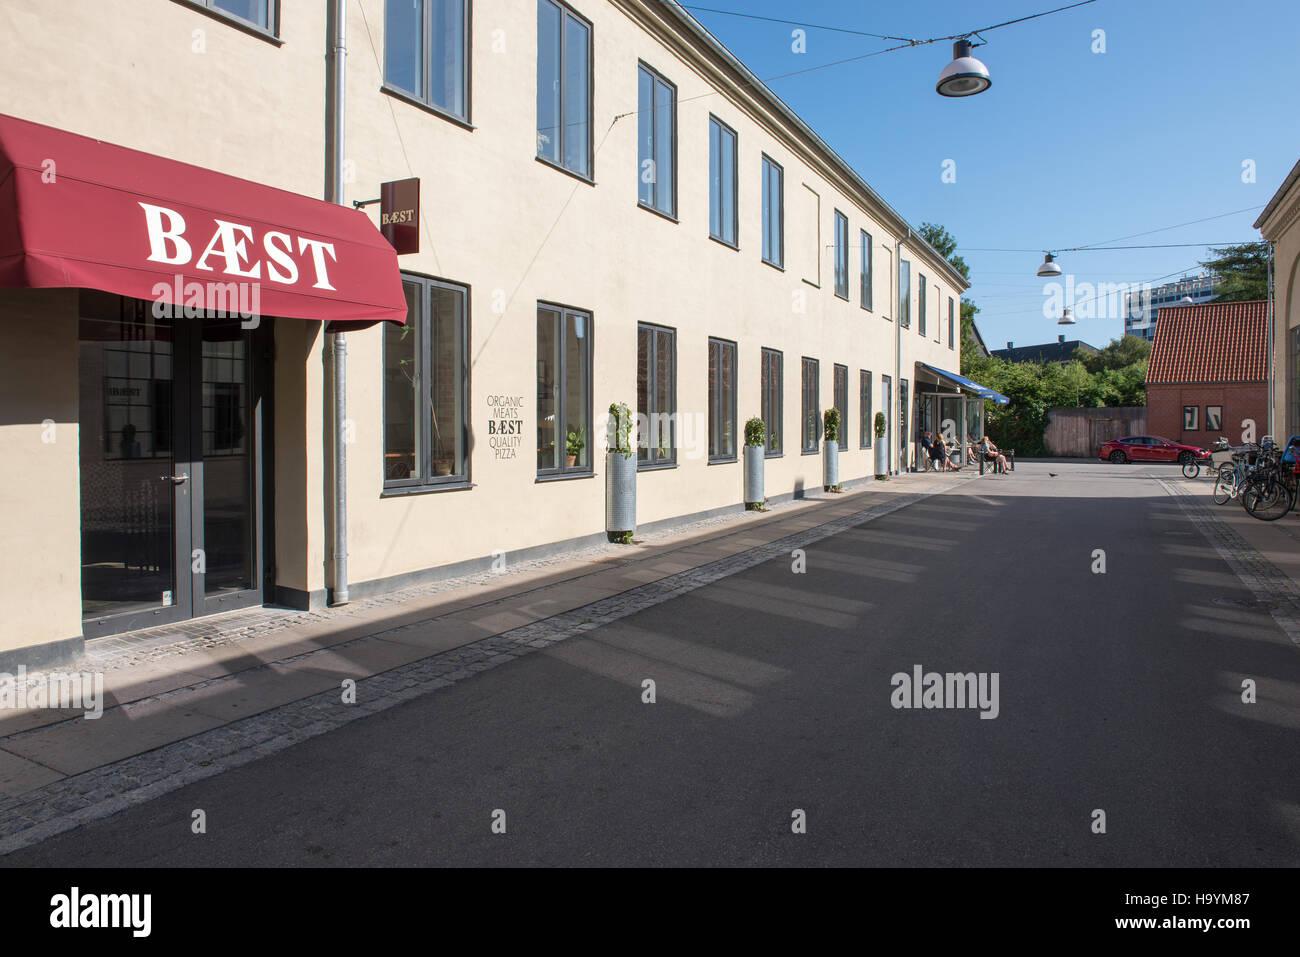 Restaurant Bæst In Kopenhagen Von Der Straße Aus Gesehen Draußen Im